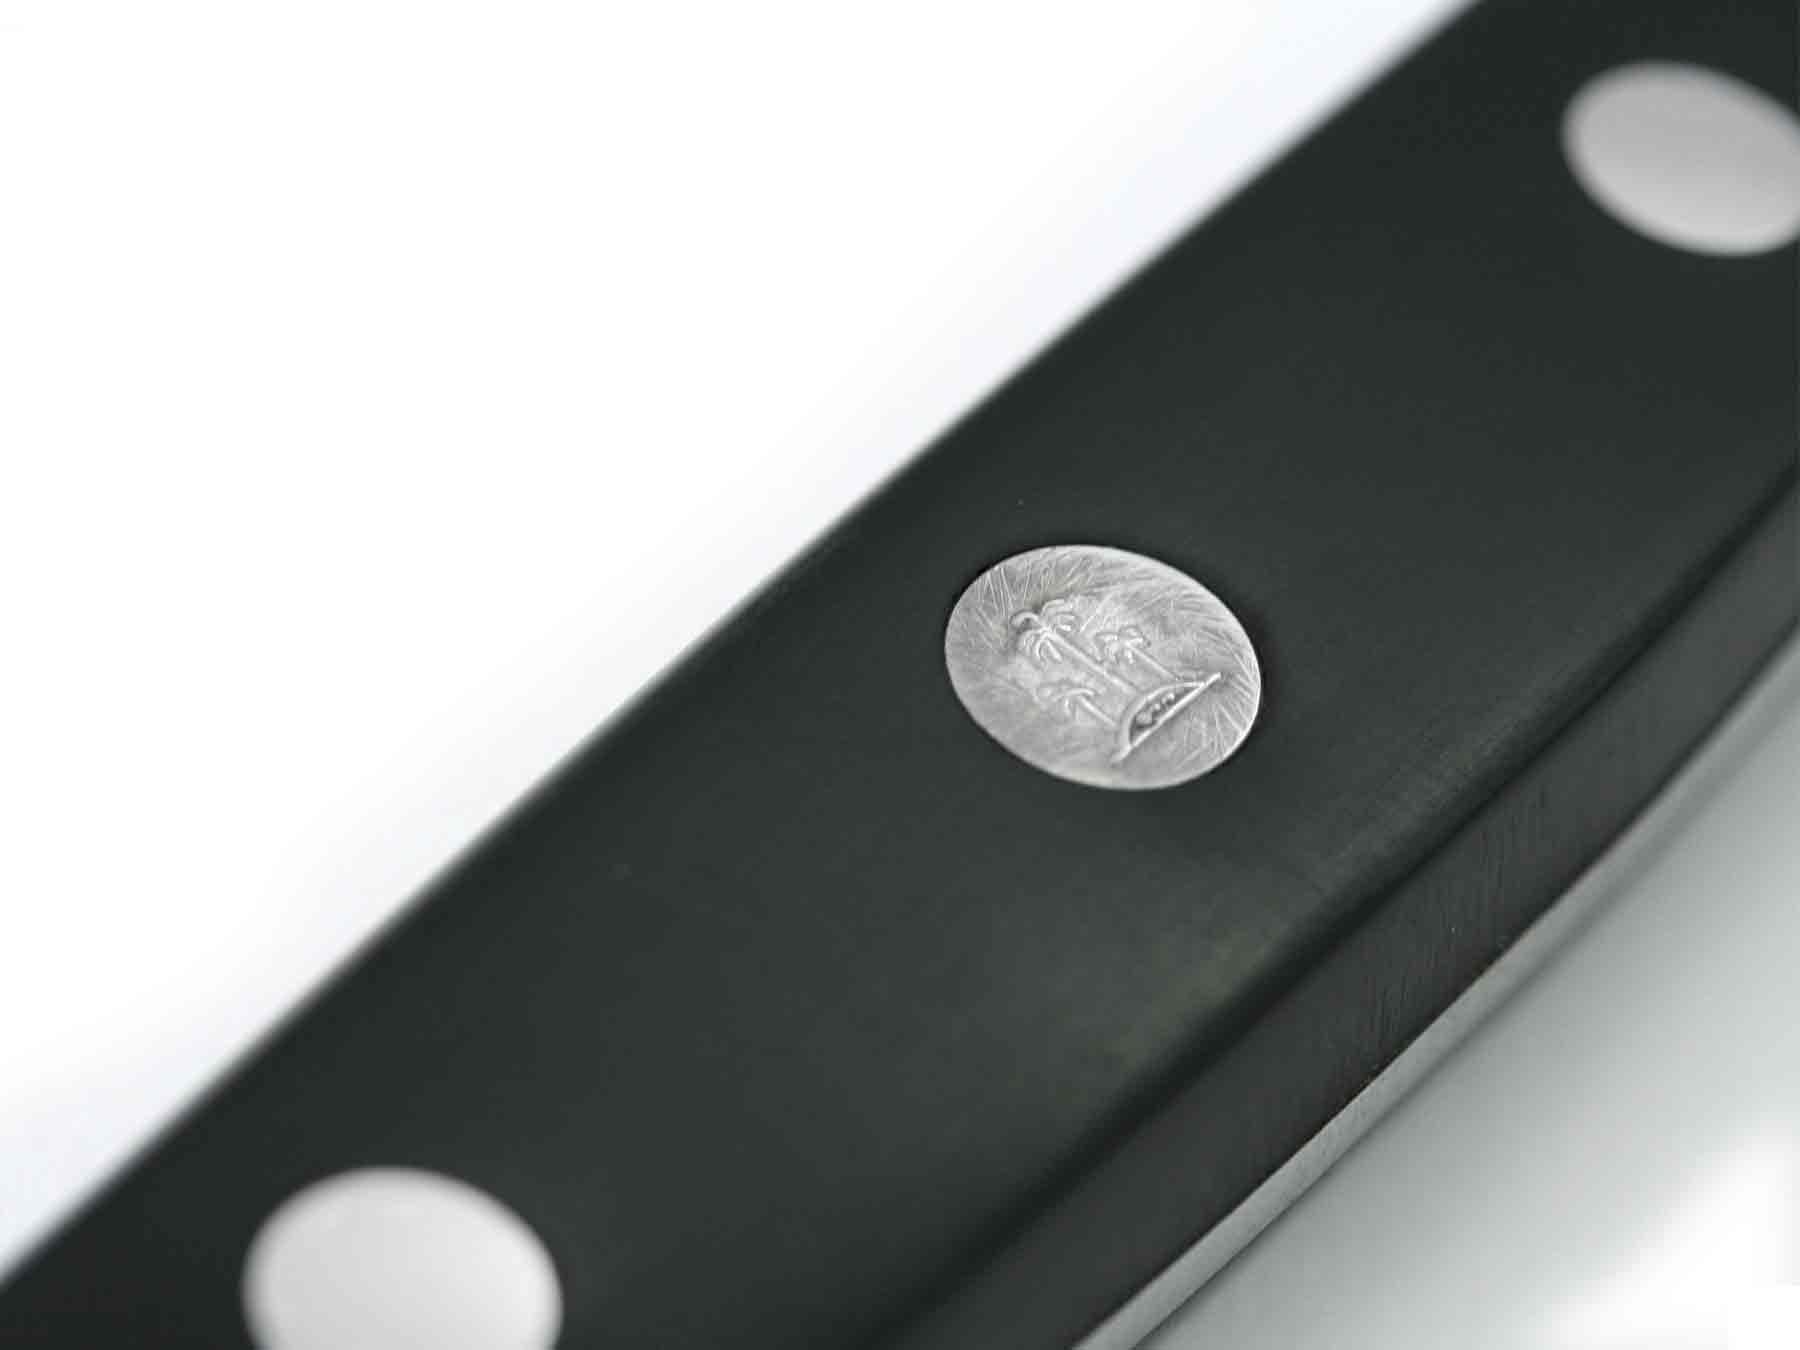 Güde Alpha Ausbeinmesser 1603/13 - 13 cm